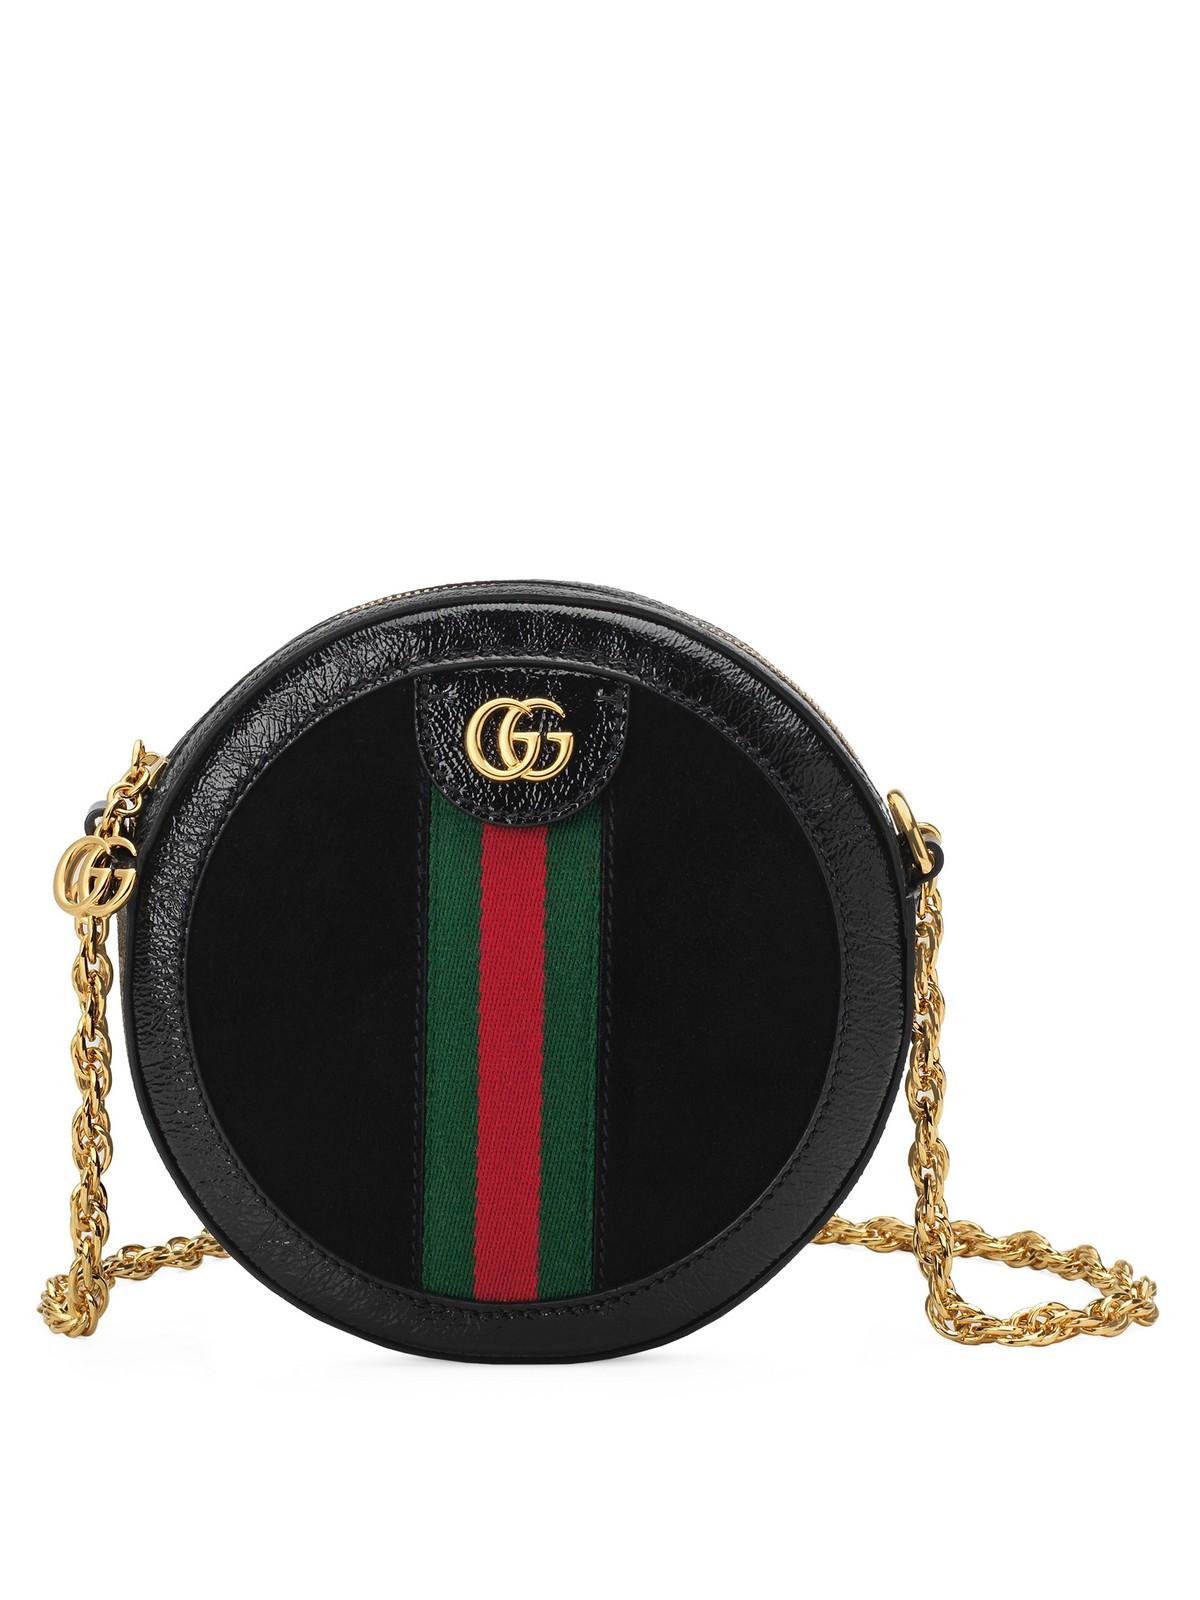 Gucci borse Cruise 2019